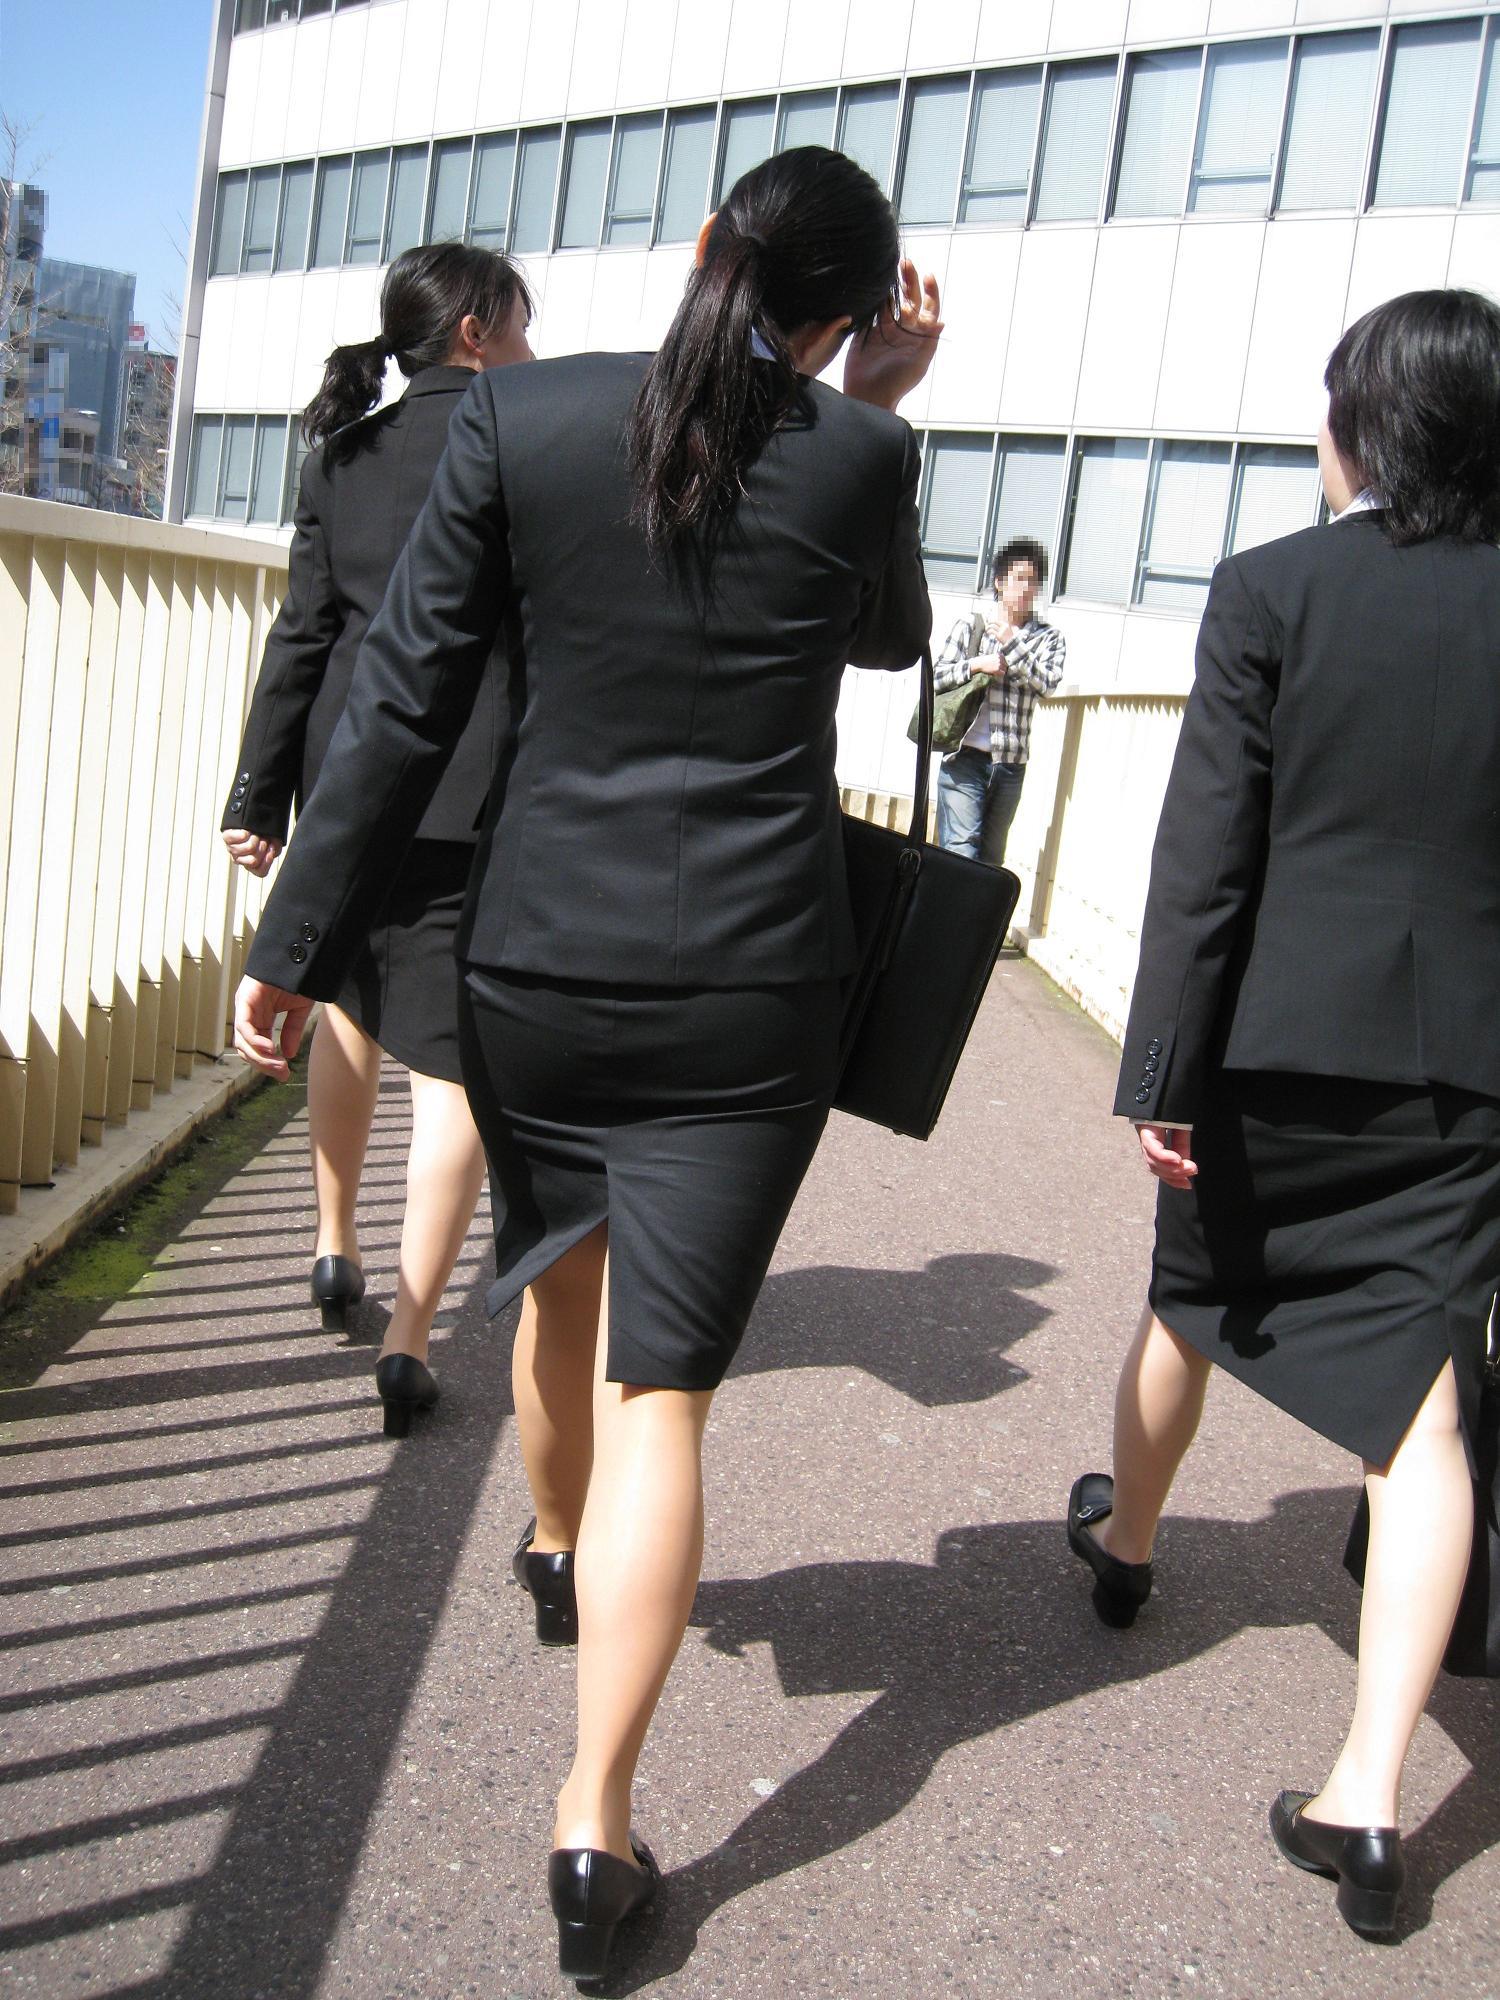 【街撮り画像】就活真っ只中なJDのリクスー尻と美脚を観察www 02